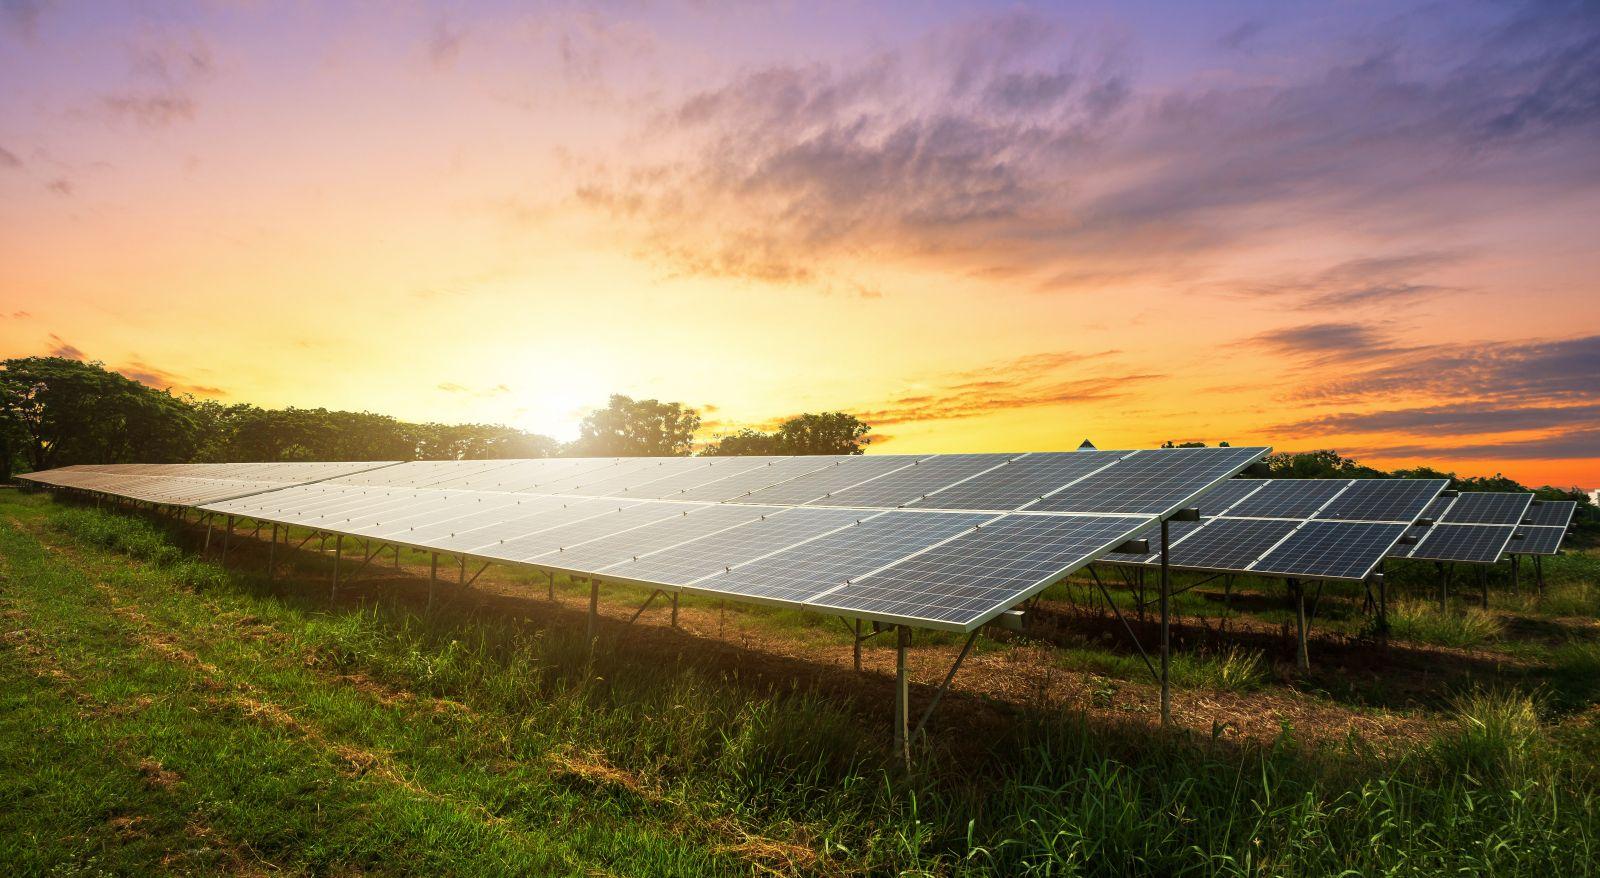 Plataforma de energia solar vende a energia produzida por usinas fotovoltaicas